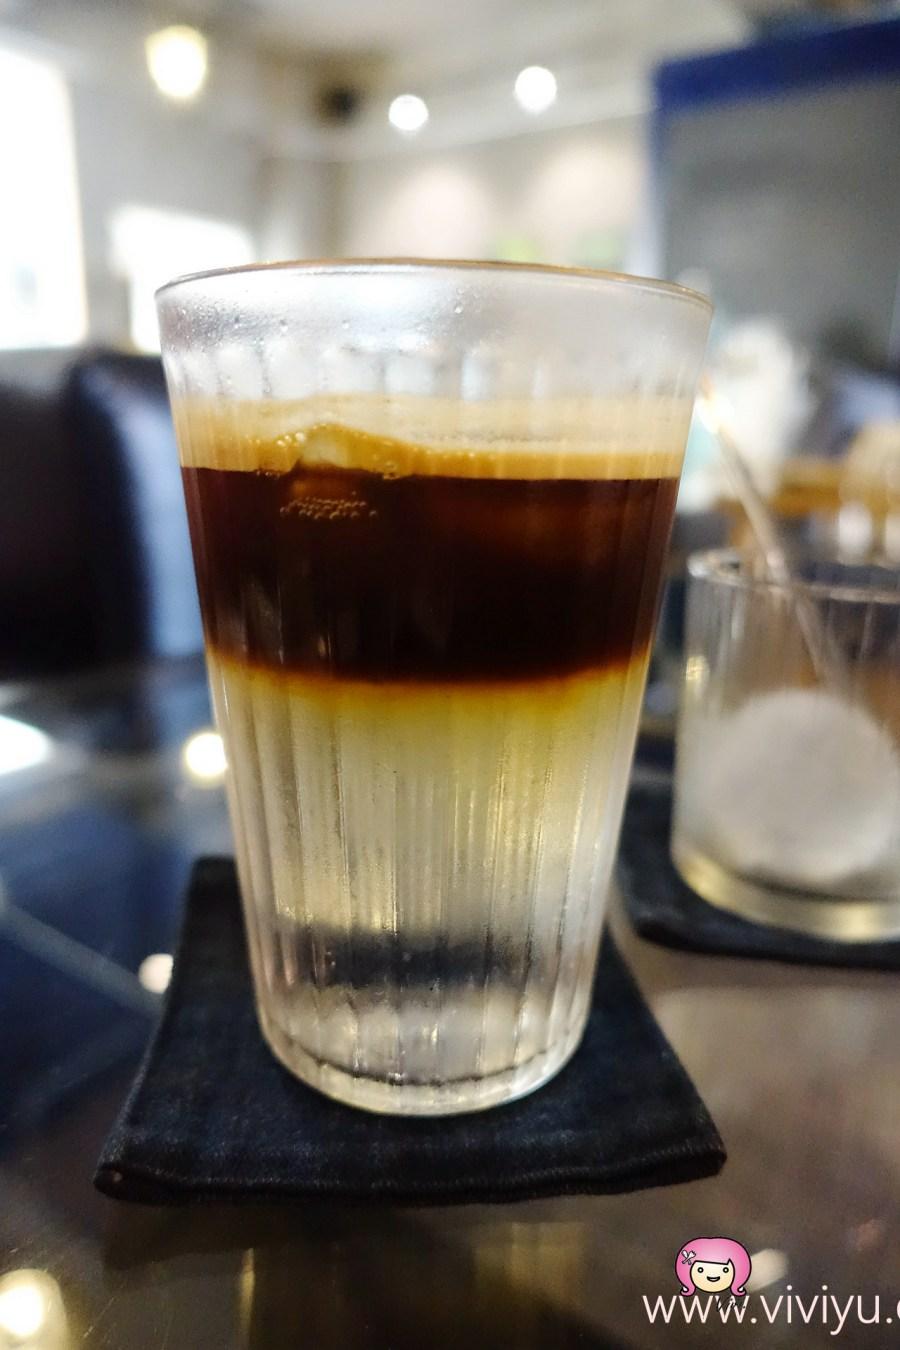 文青咖啡館,新竹咖啡館,新竹甜點,新竹美食,旭日咖啡,續日,續日cafe,續日咖啡 @VIVIYU小世界